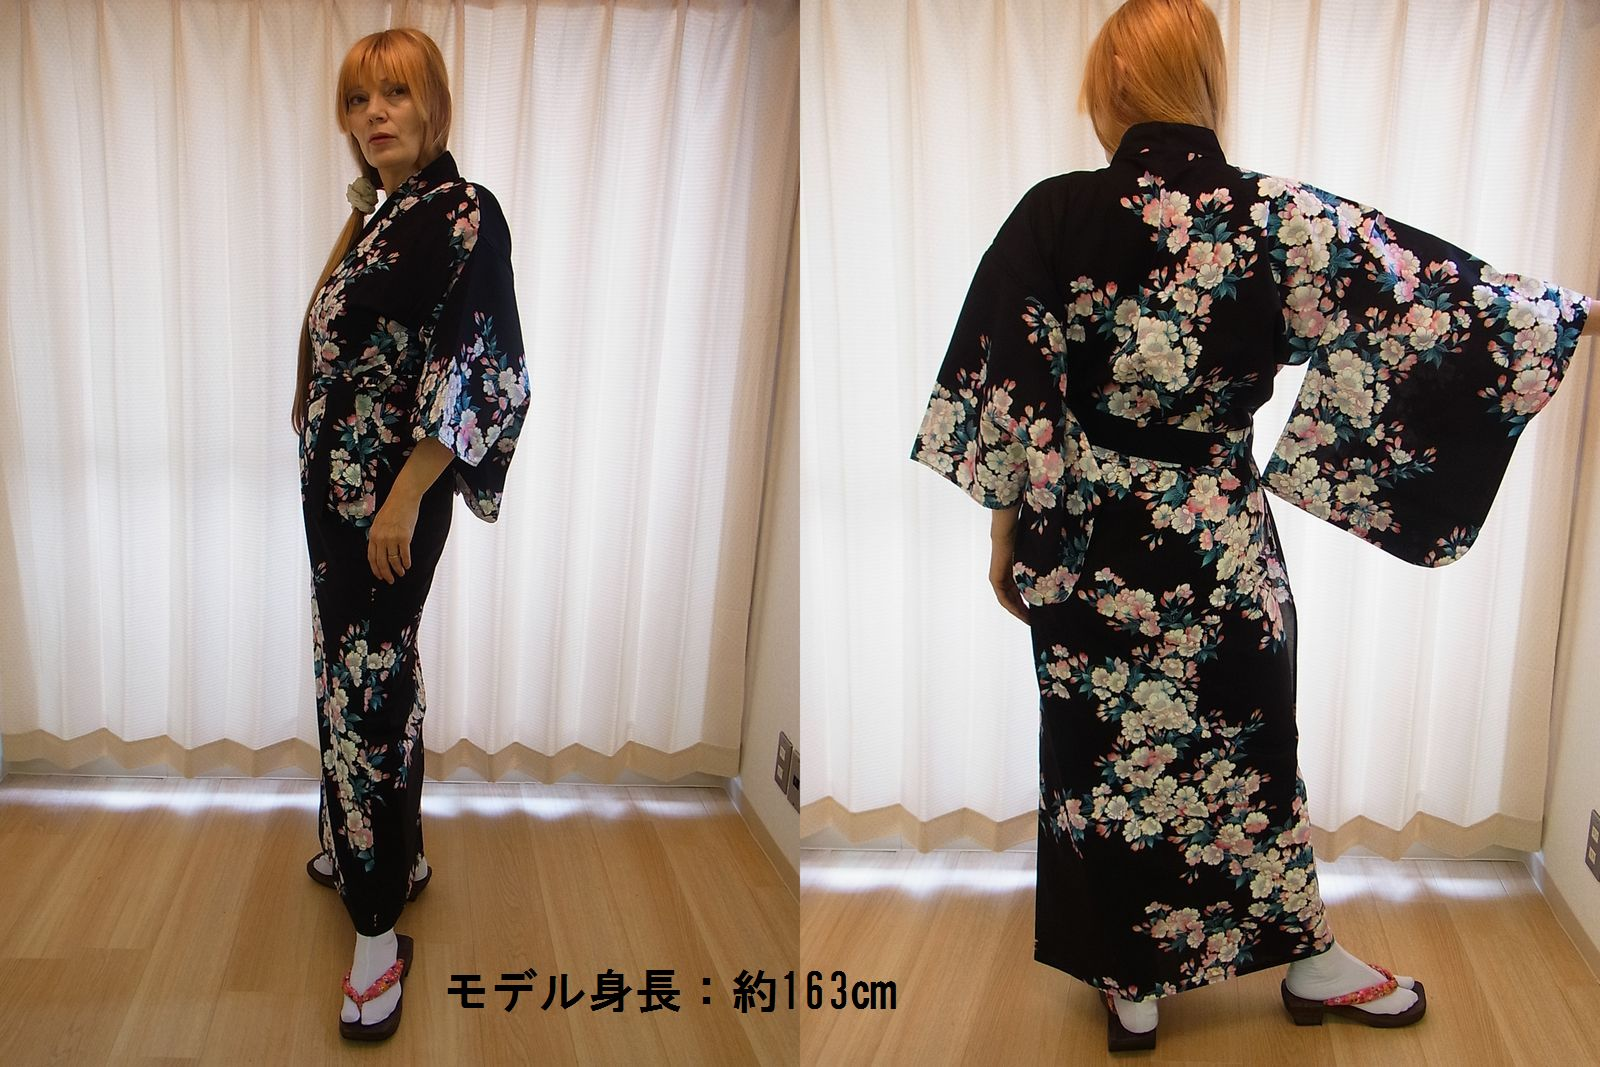 日本のお土産|日本のおみやげホームステイ おみやげ|日本土産◆外国人向け浴衣【桜】女性用(M)